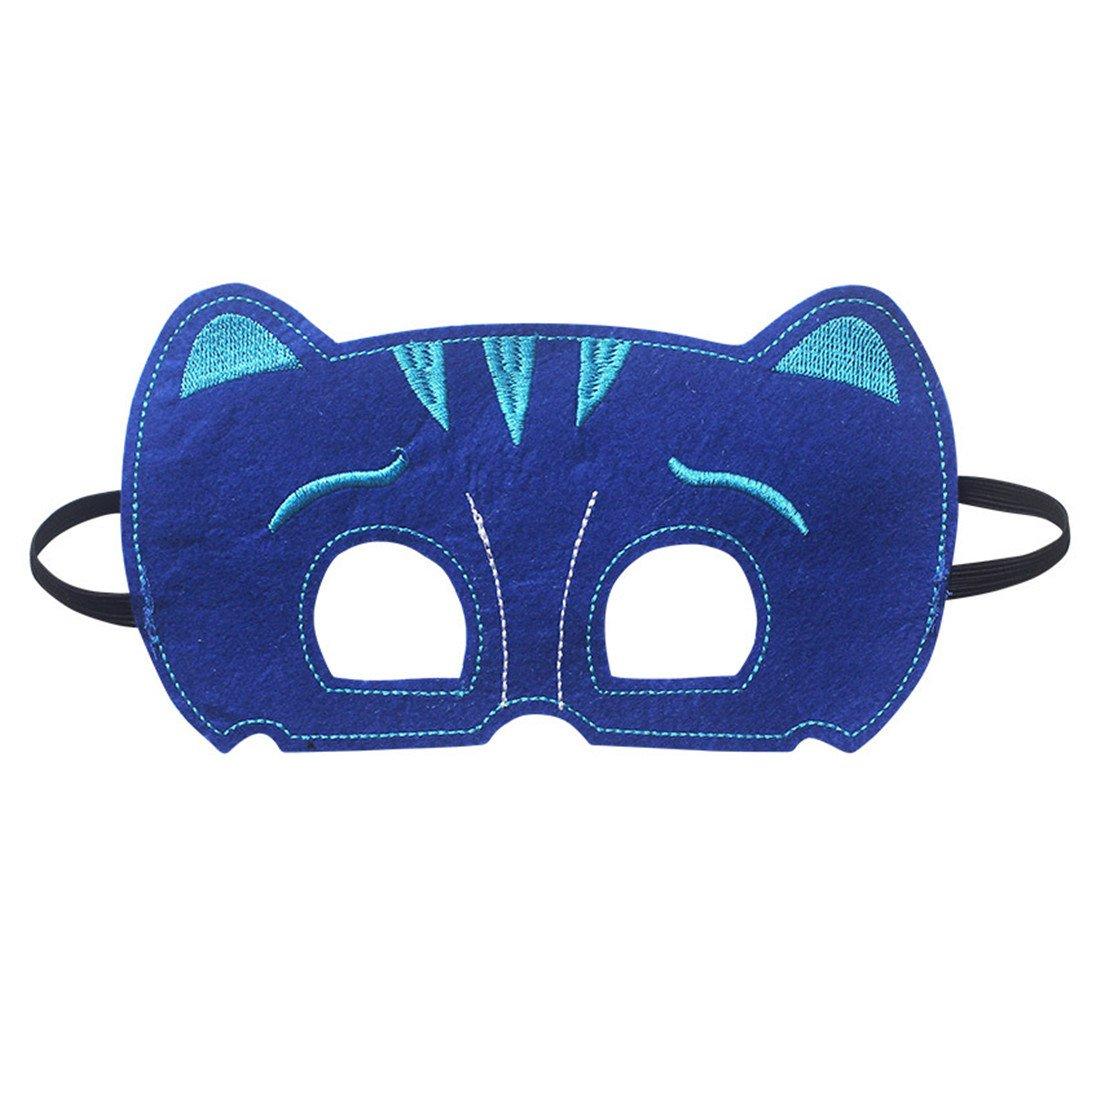 YL PJ Máscaras Disfraces para Niños Juego de 3 catboy owlette Máscara con Cabo (27,5 cm): Amazon.es: Ropa y accesorios